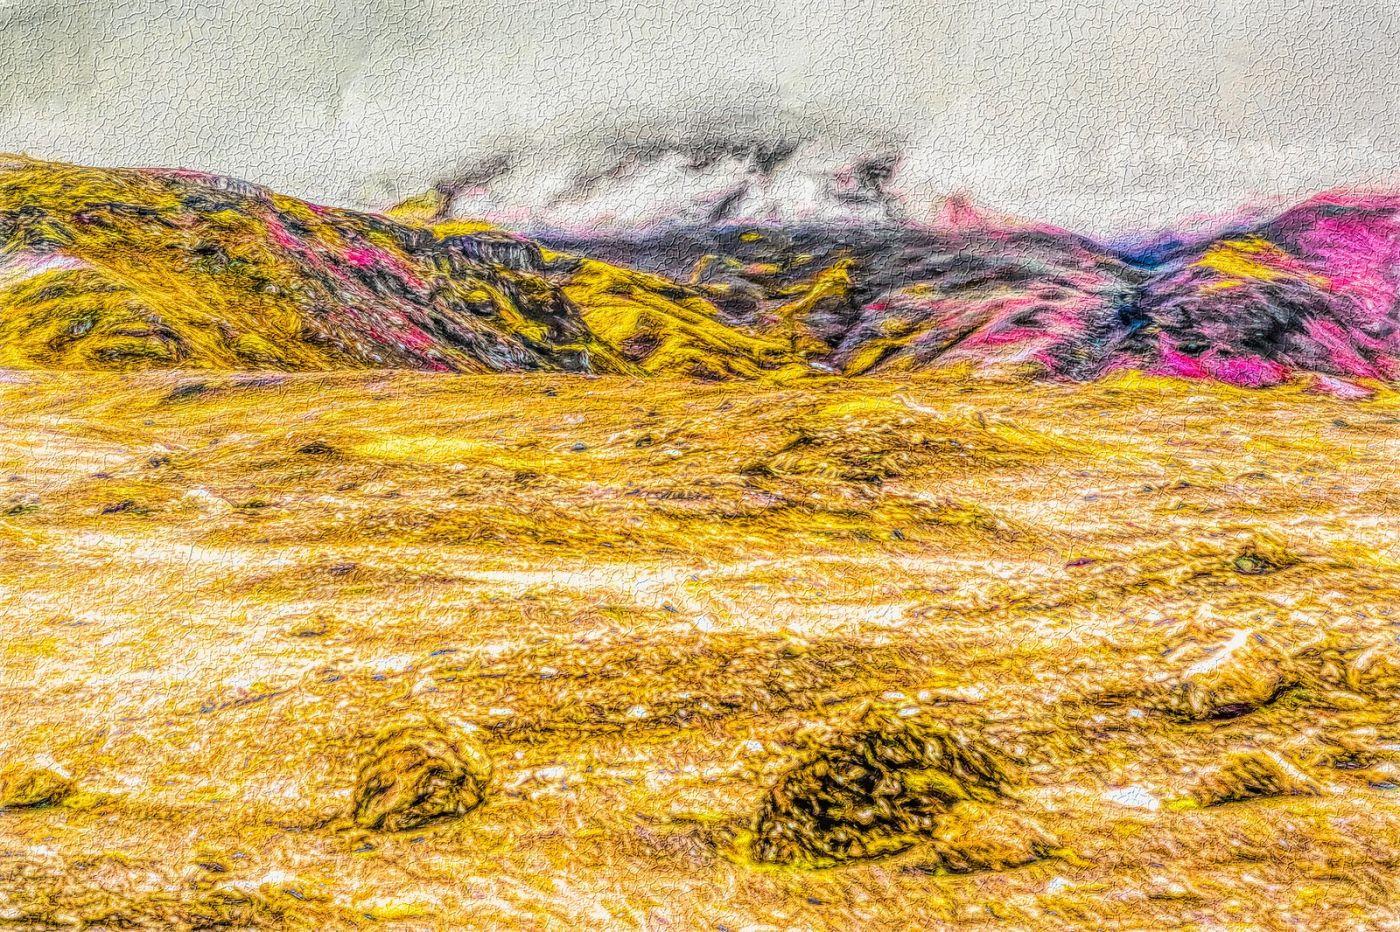 冰岛风采,新的感觉_图1-31